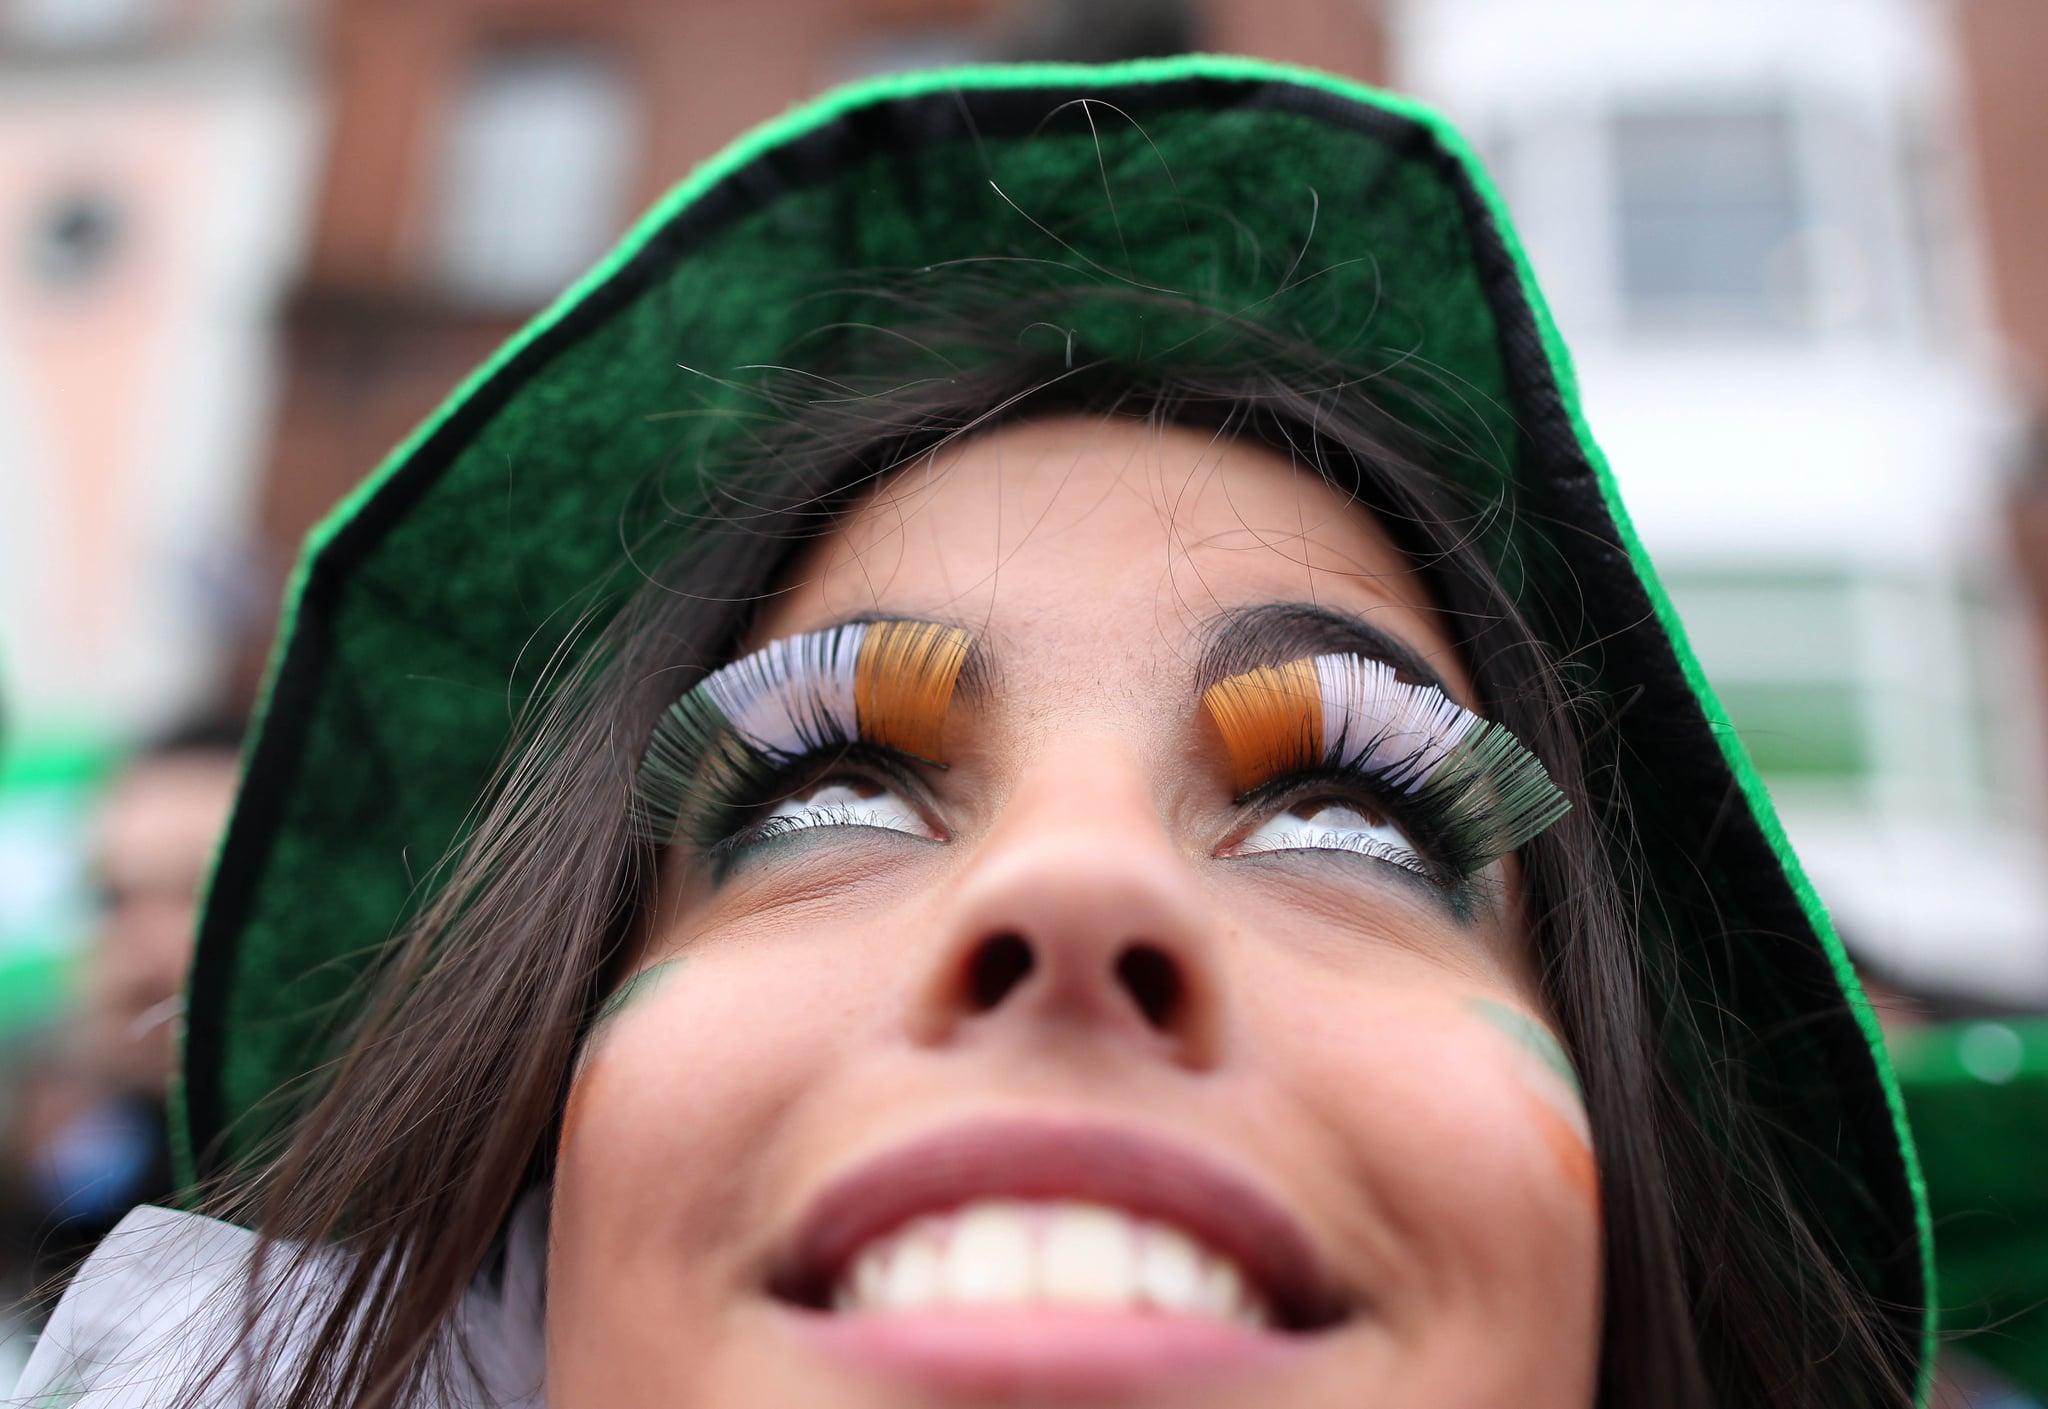 Fly the Irish flag on your eyelashes.